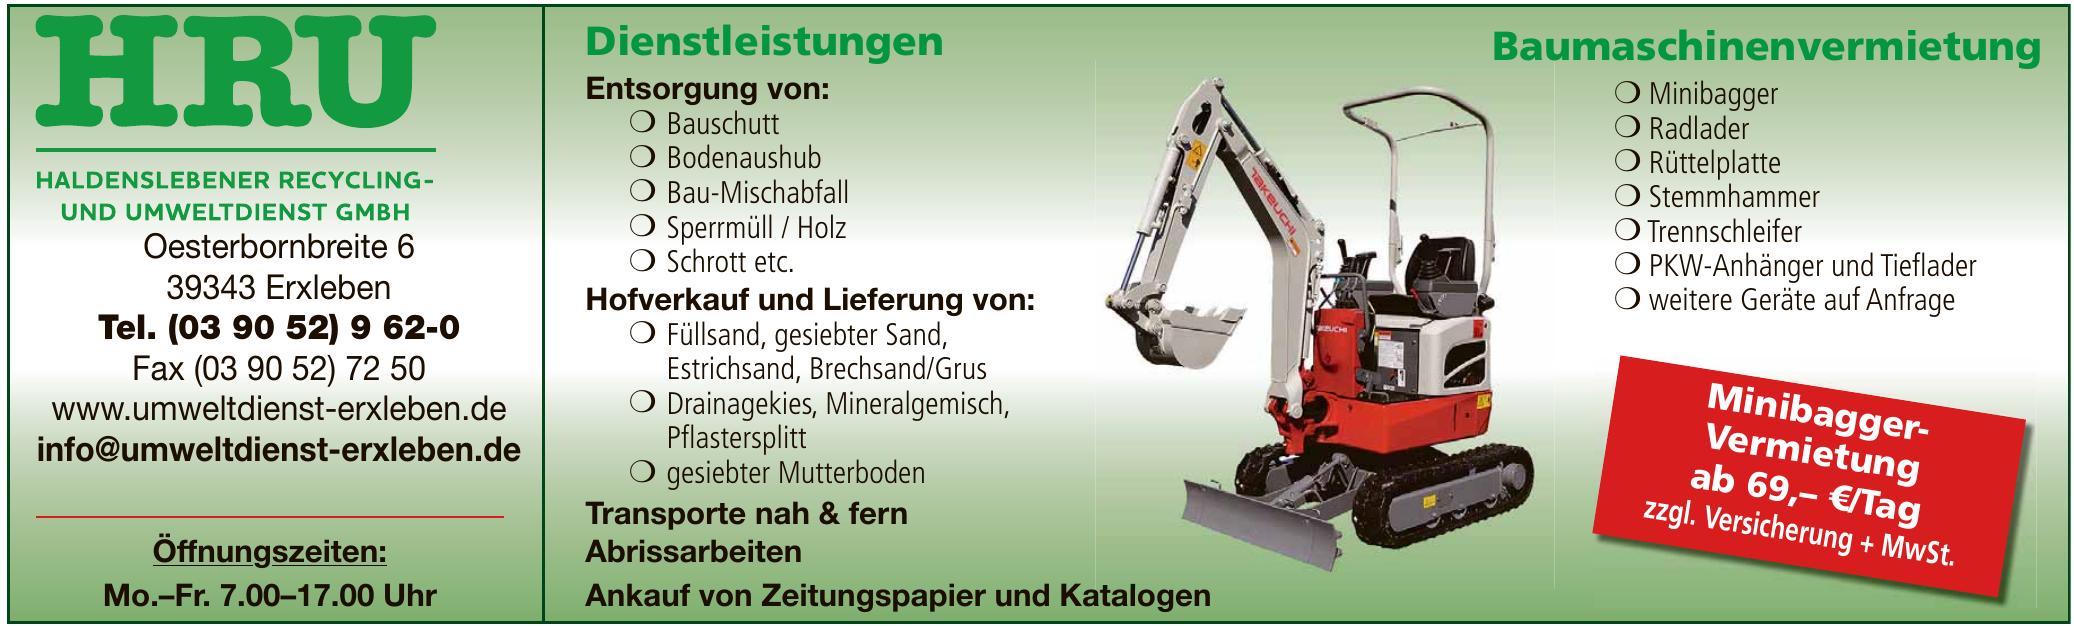 Haldenslebener Recycling und Umweltdienst GmbH